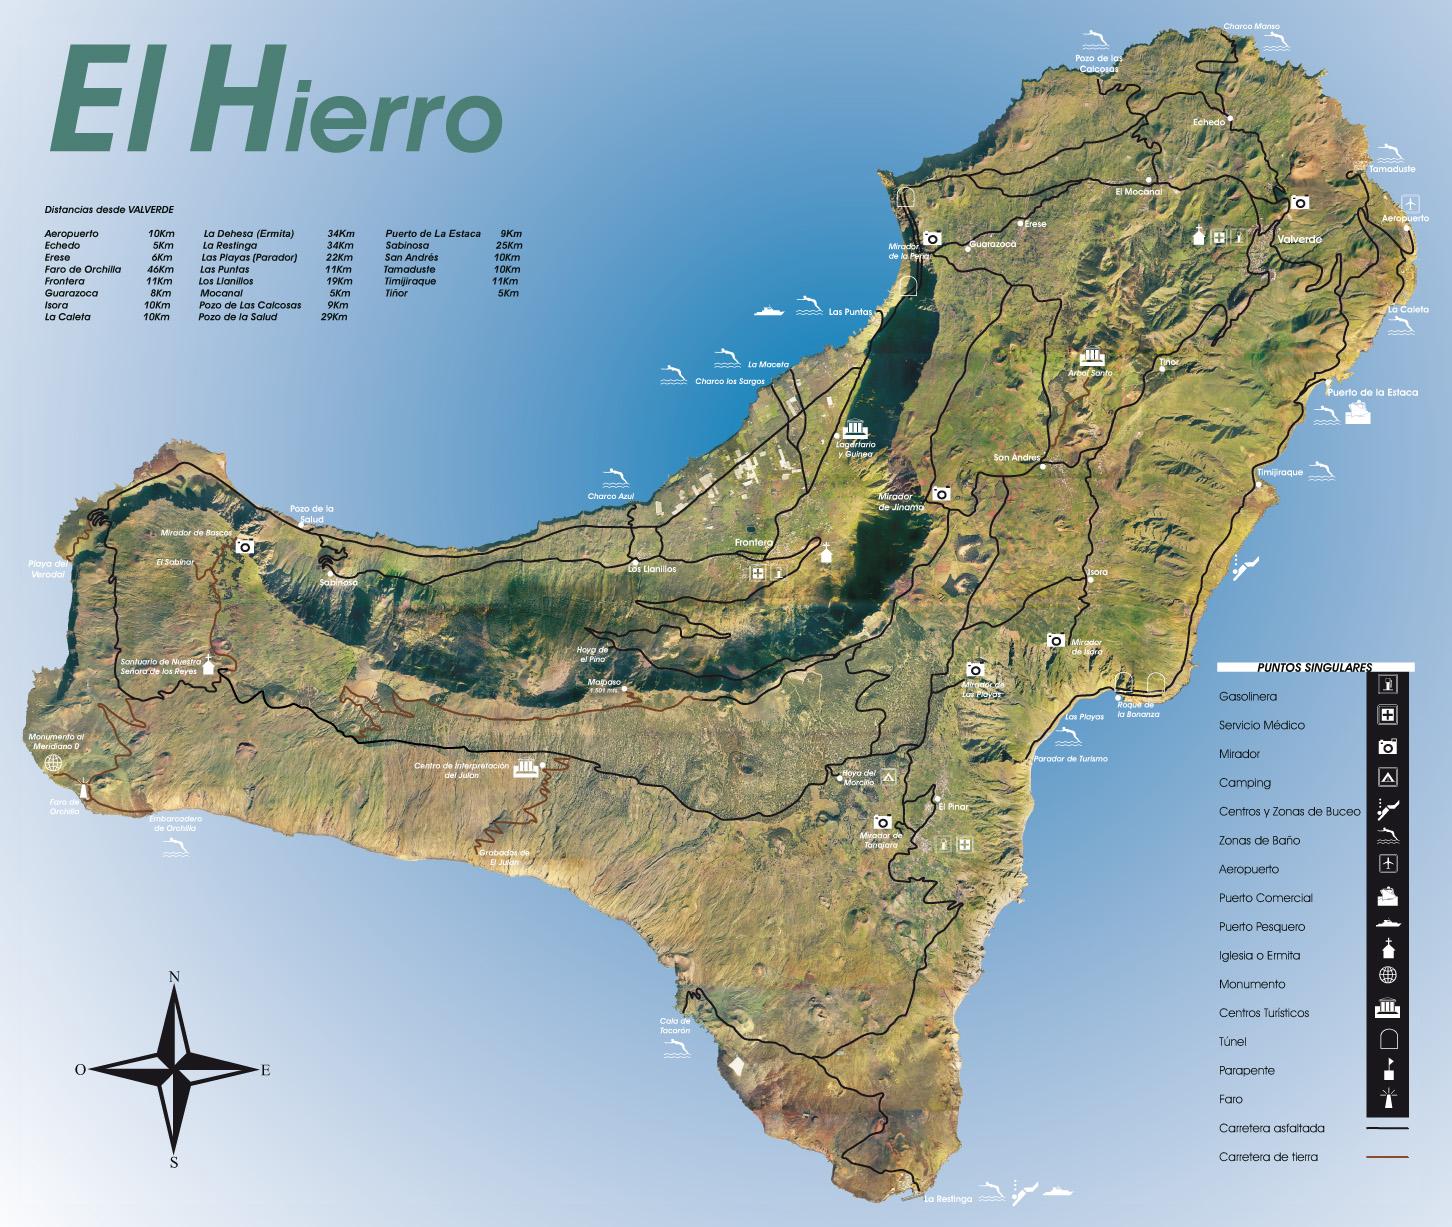 Mapa físico-turístico de la isla de El Hierro